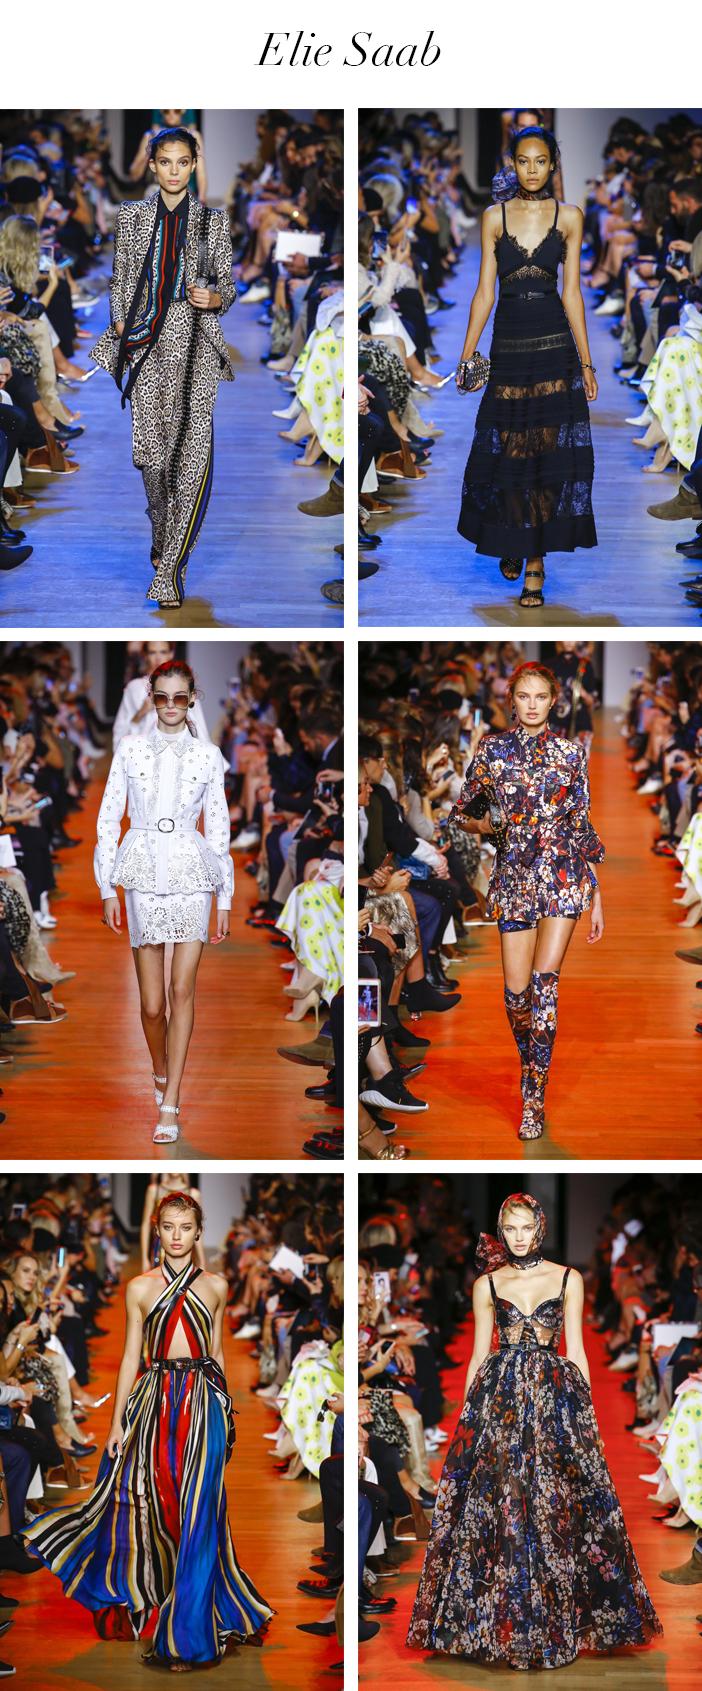 Semana de Moda de Paris - Verão 2019 - Elie Saab